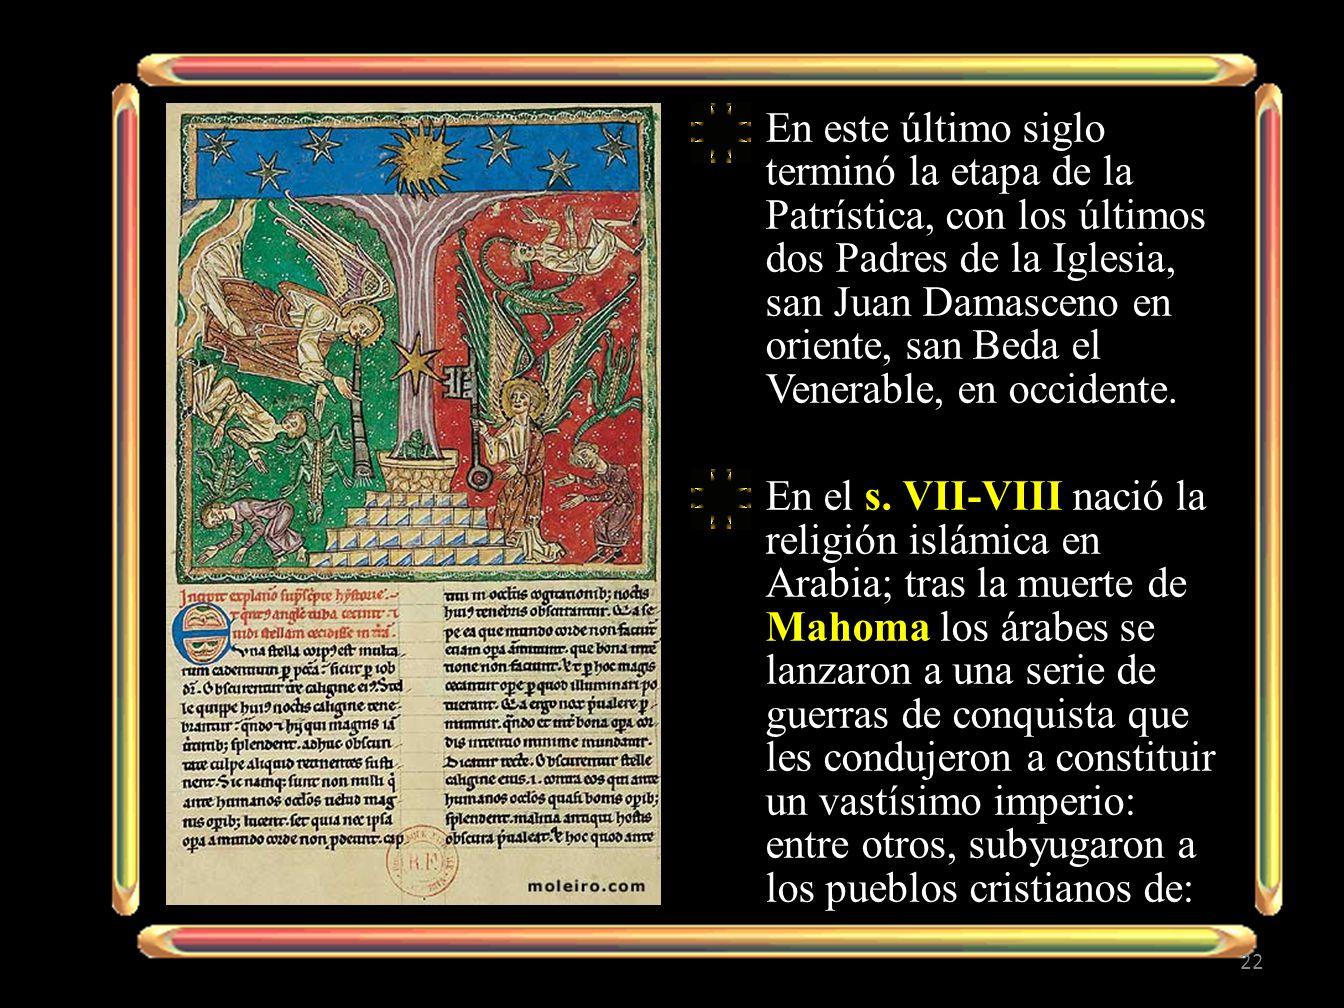 En este último siglo terminó la etapa de la Patrística, con los últimos dos Padres de la Iglesia, san Juan Damasceno en oriente, san Beda el Venerable